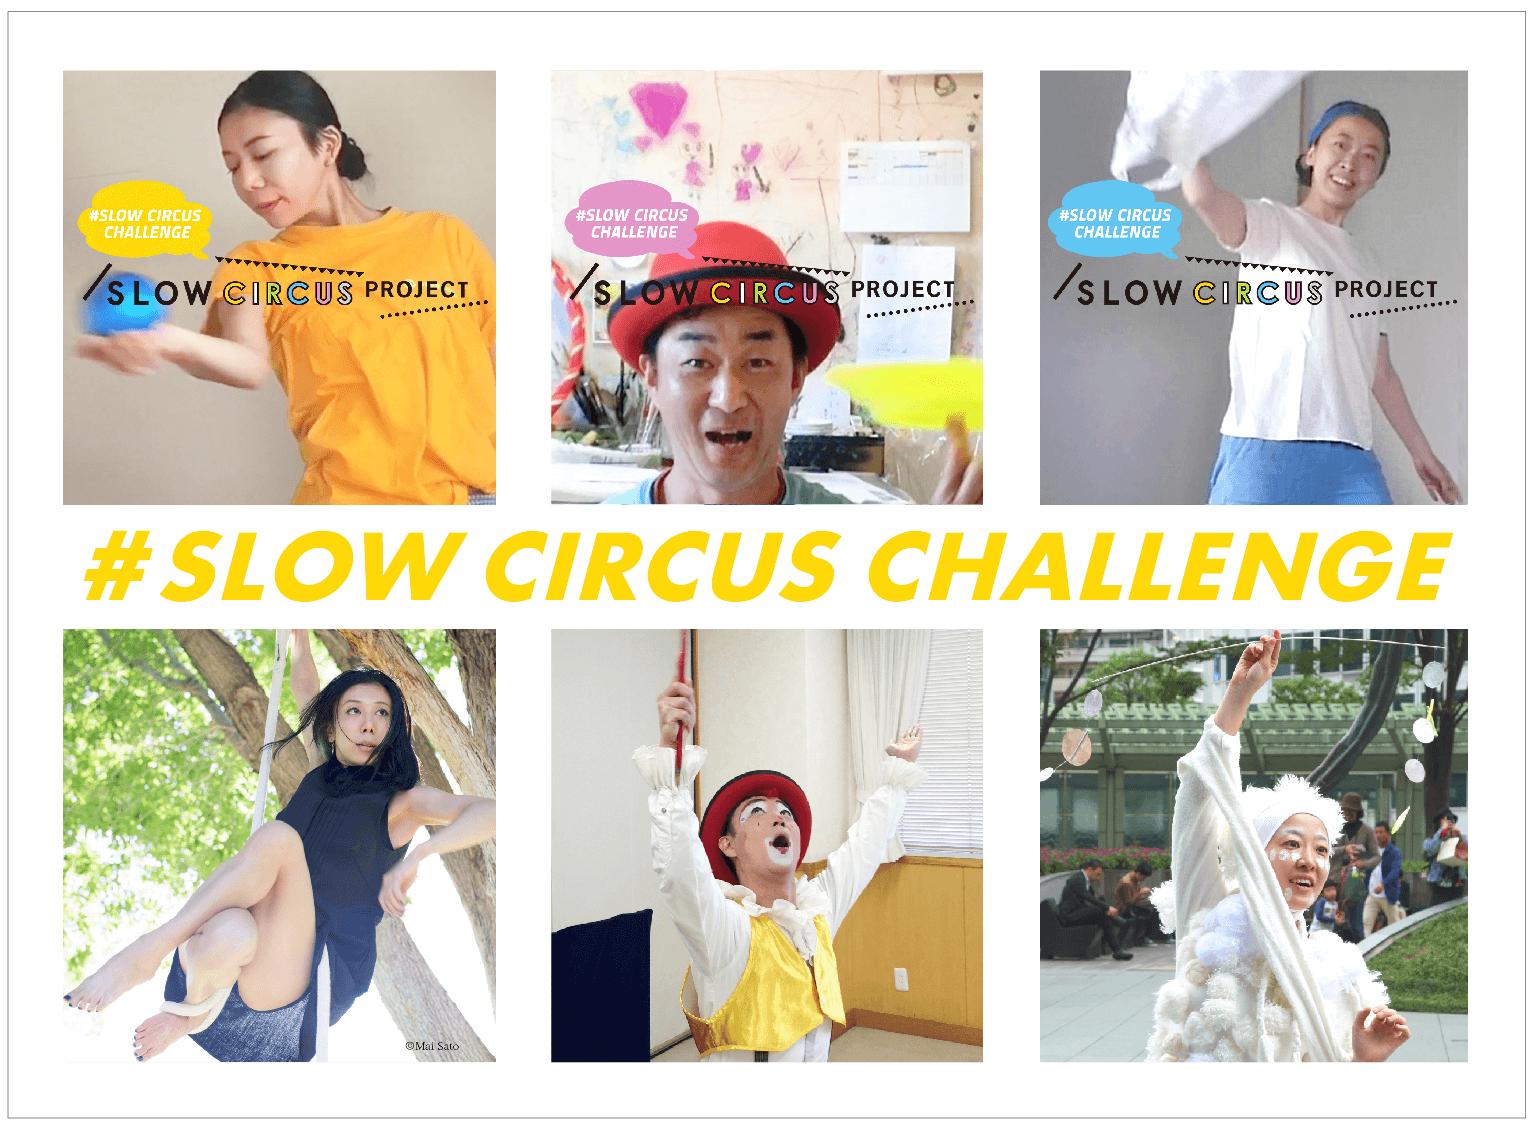 【オンライン企画】SLOW CIRCUS CHALLENGEに挑戦してみる